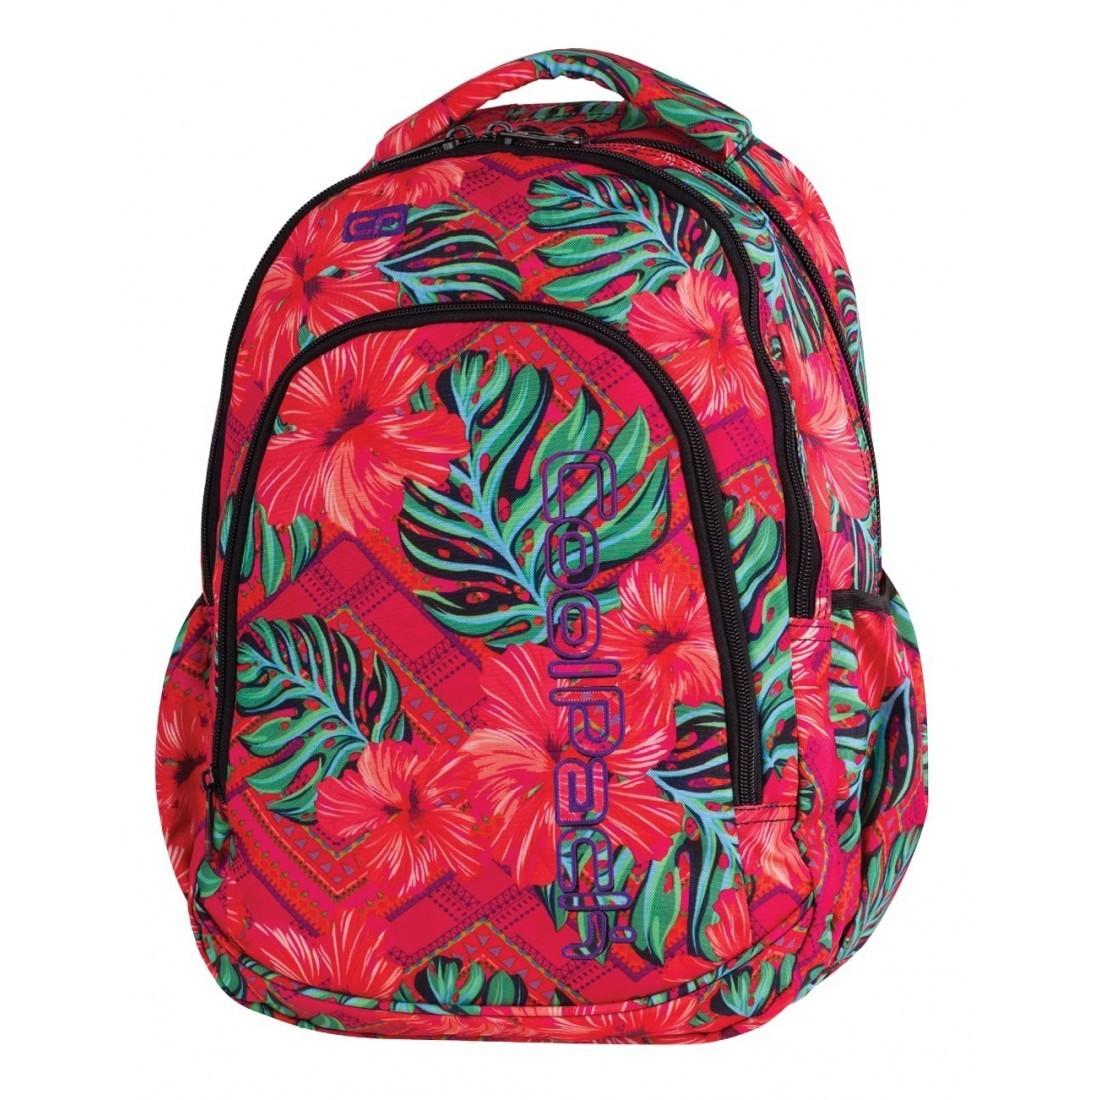 5401ad4ece4fe Plecak dla pierwszoklasisty CoolPack CP PRIME CARIBBEAN BEACH 1062  egzotyczne kwiaty